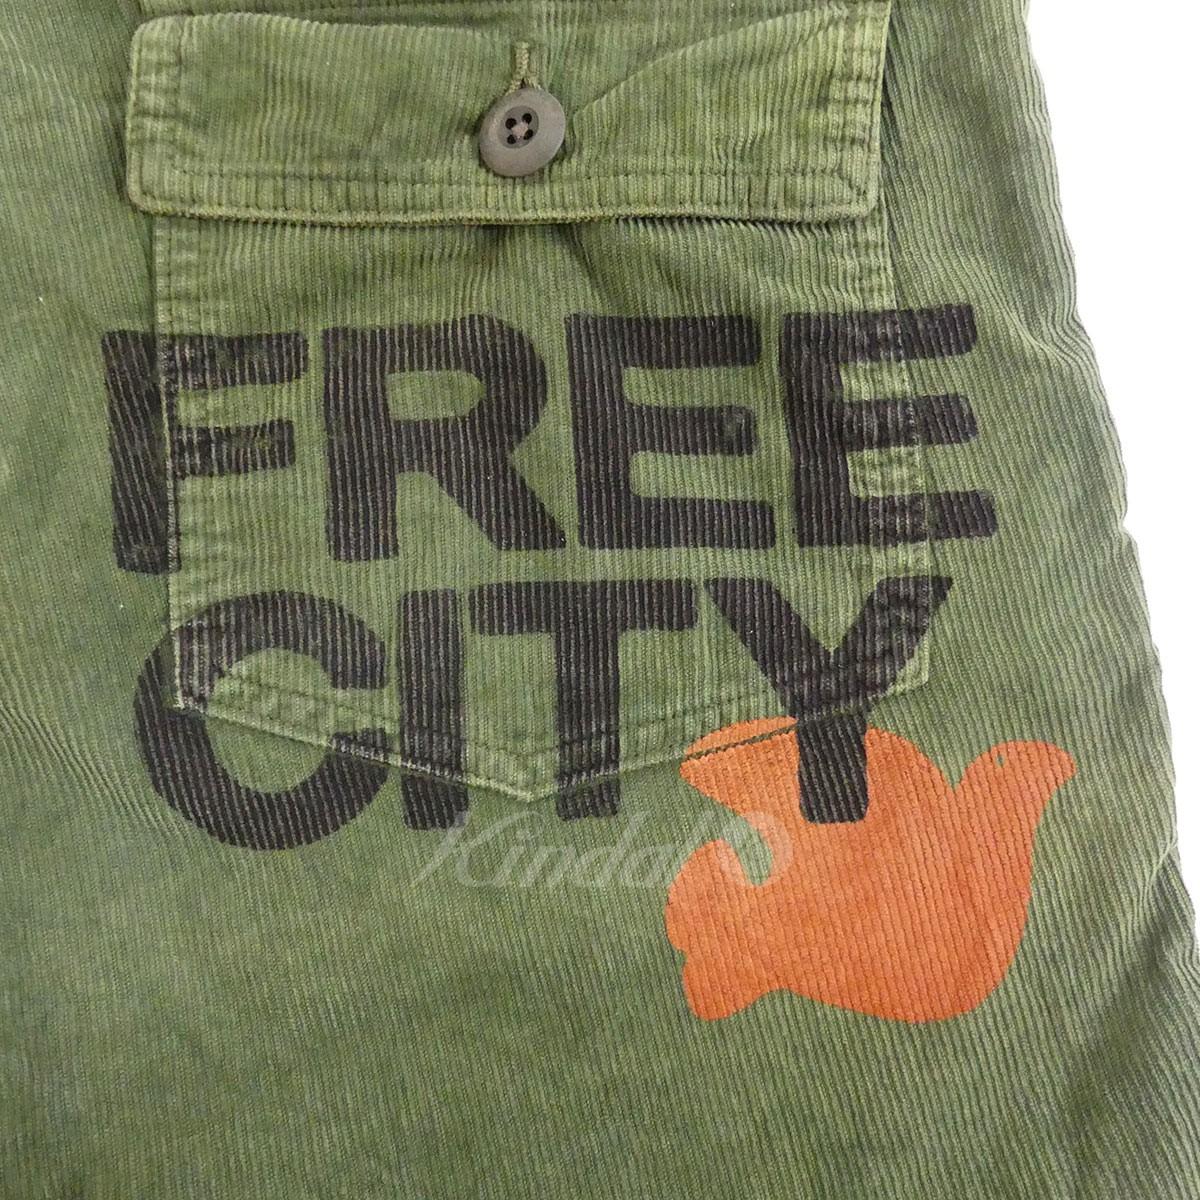 FREE CITY ベイカーショーツパンツ コーデュロイ USED加工 グリーン サイズ 34160420フリーシティNwn0Oyvm8